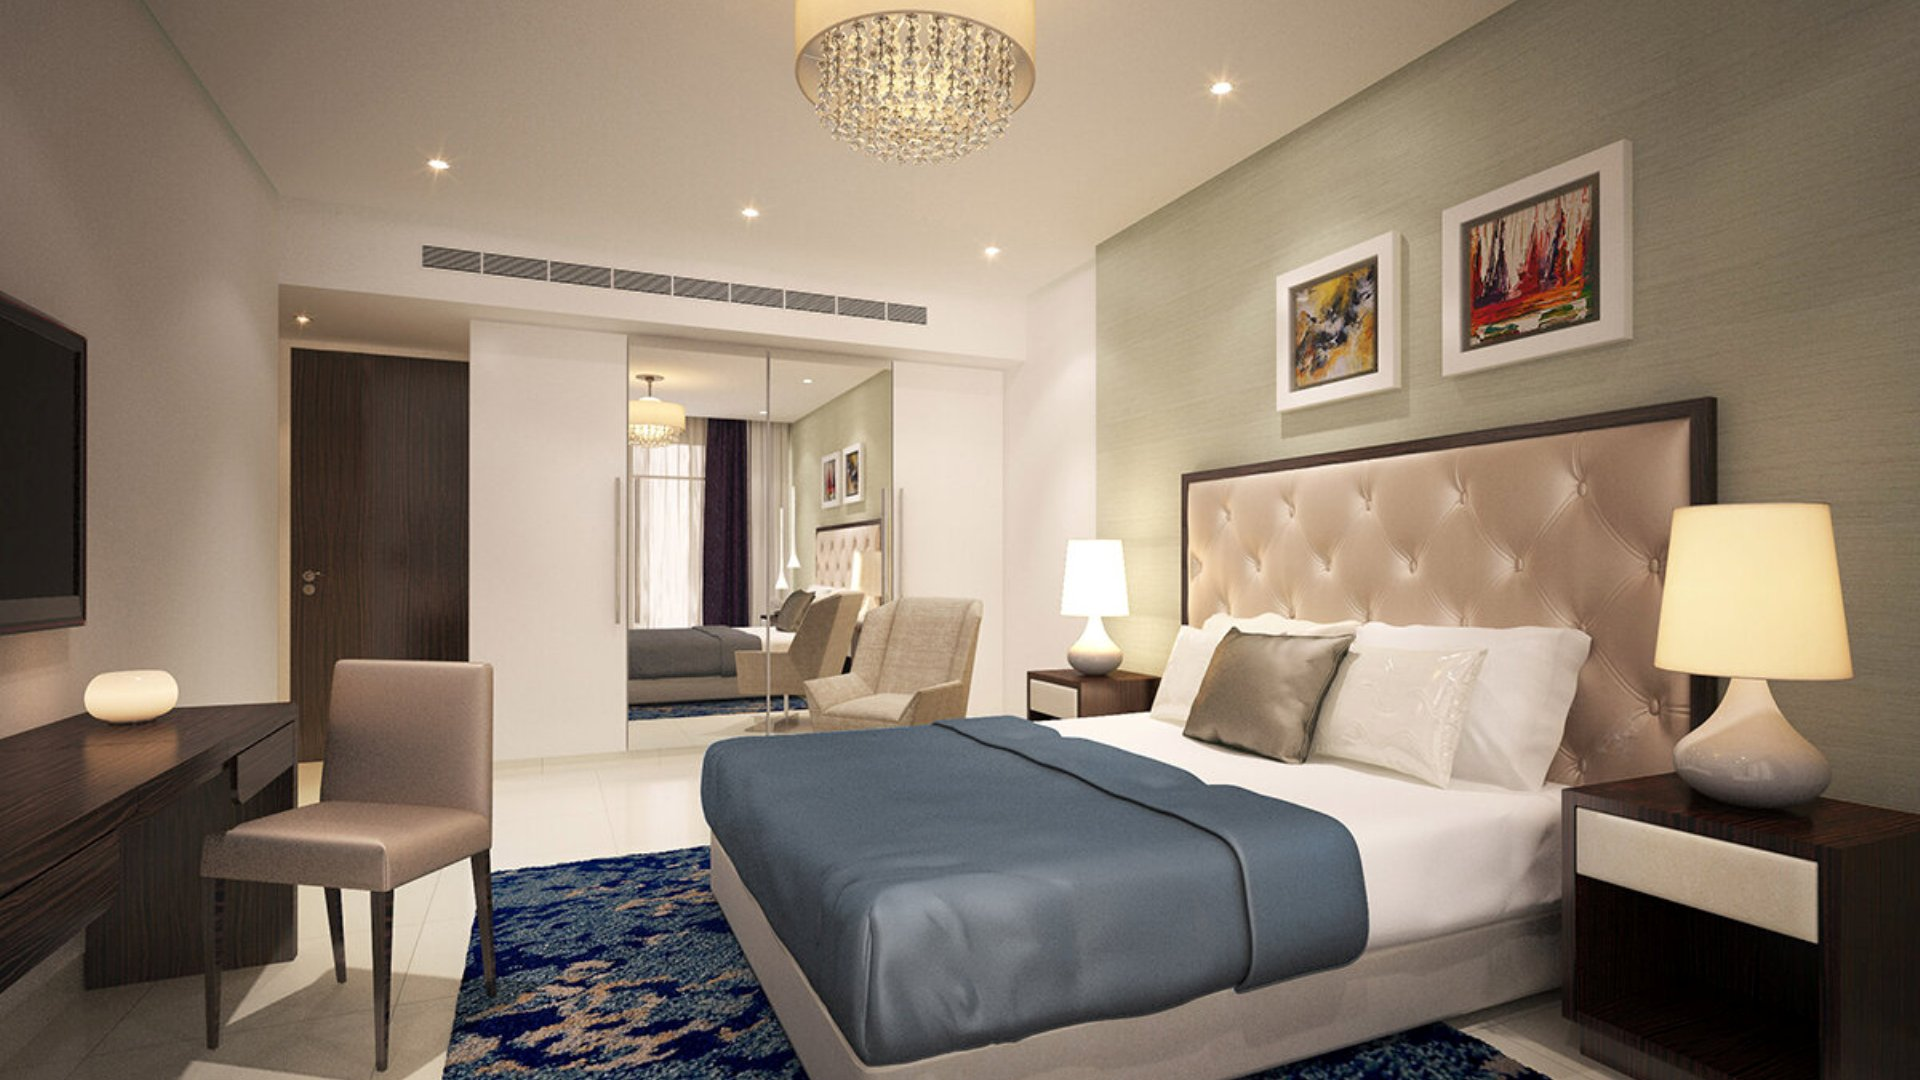 Apartamento en venta en Dubai, EAU, 3 dormitorios, 136 m2, № 24301 – foto 1